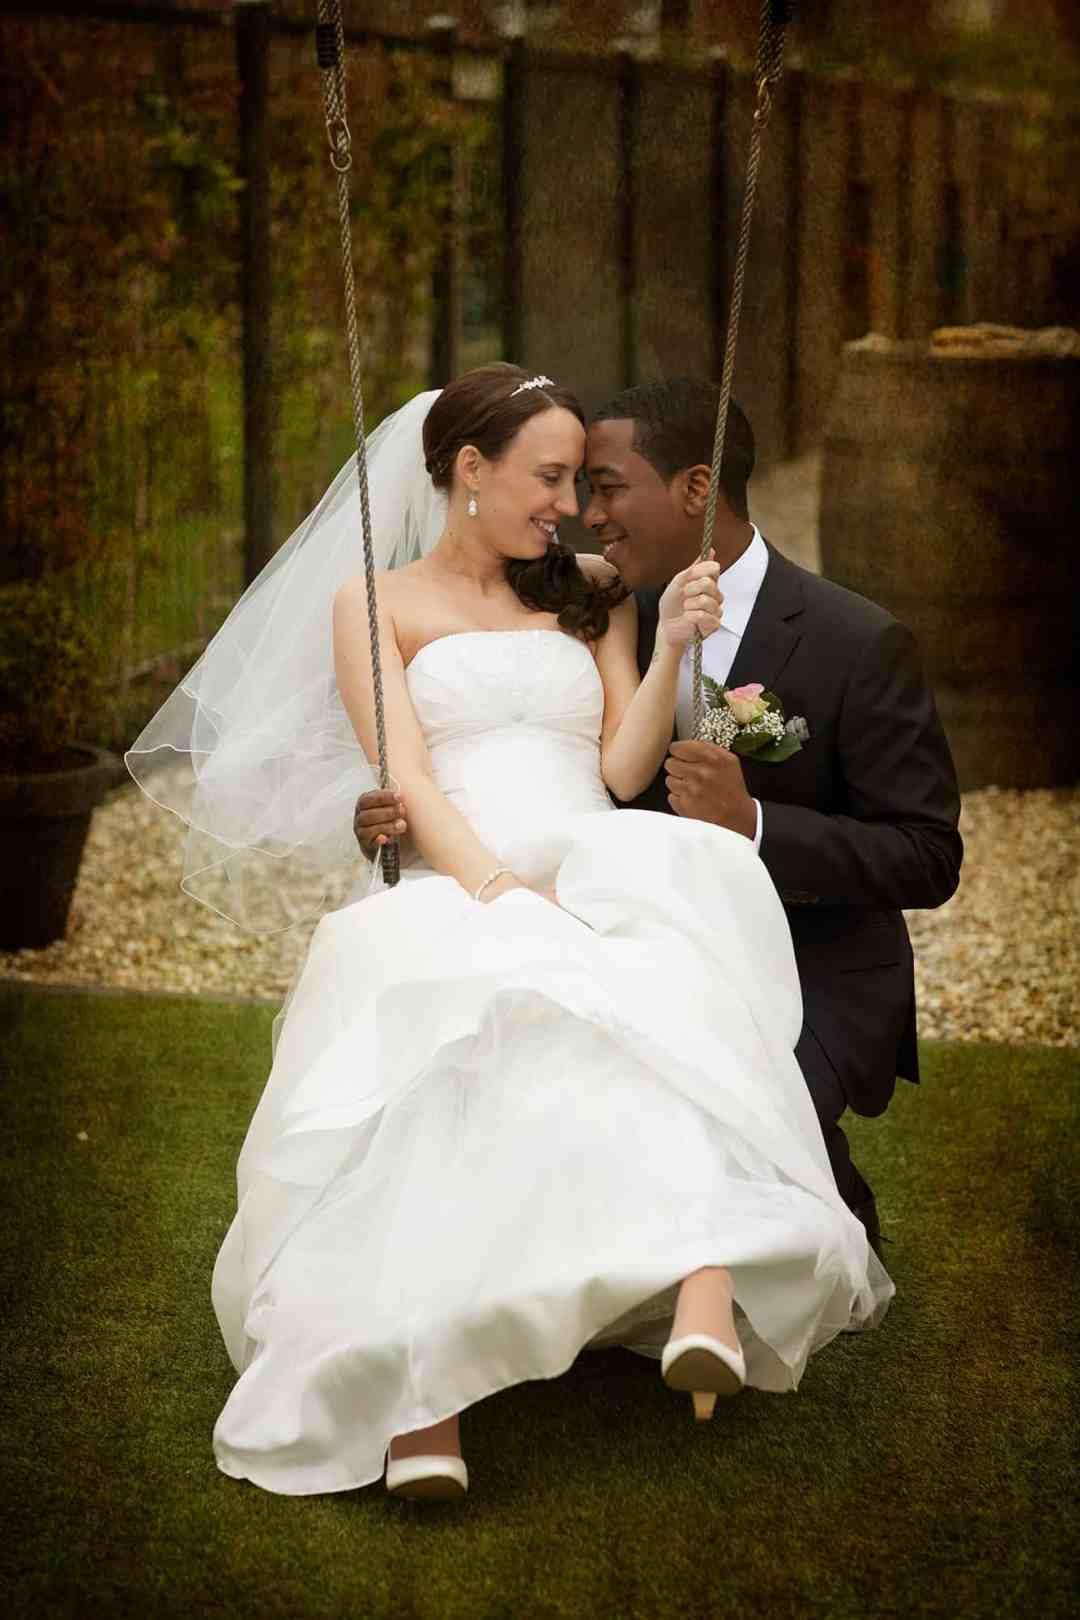 bruidspaar trouwfoto ongedwongen